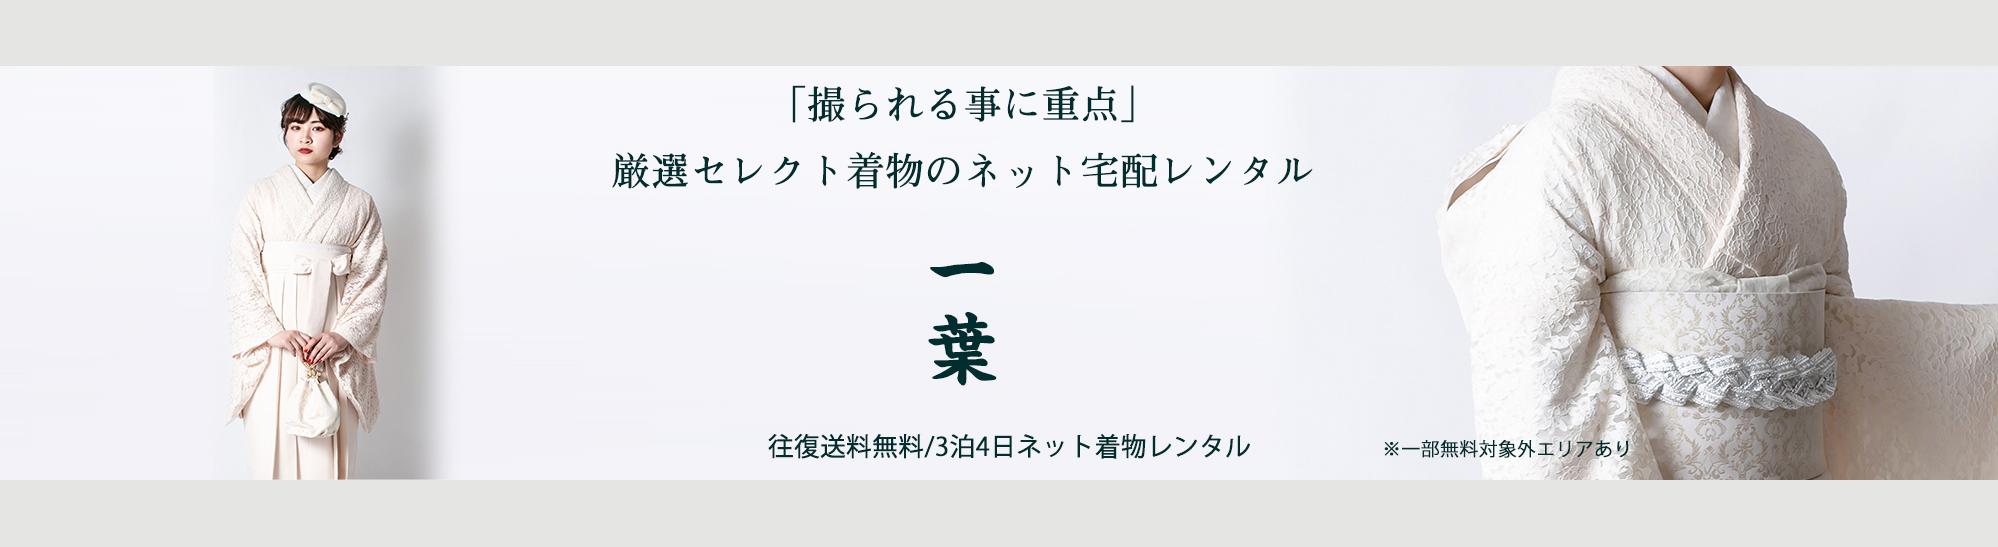 レンタル着物 七五三・卒業袴・振袖の宅配ネットレンタル レトロ 一葉